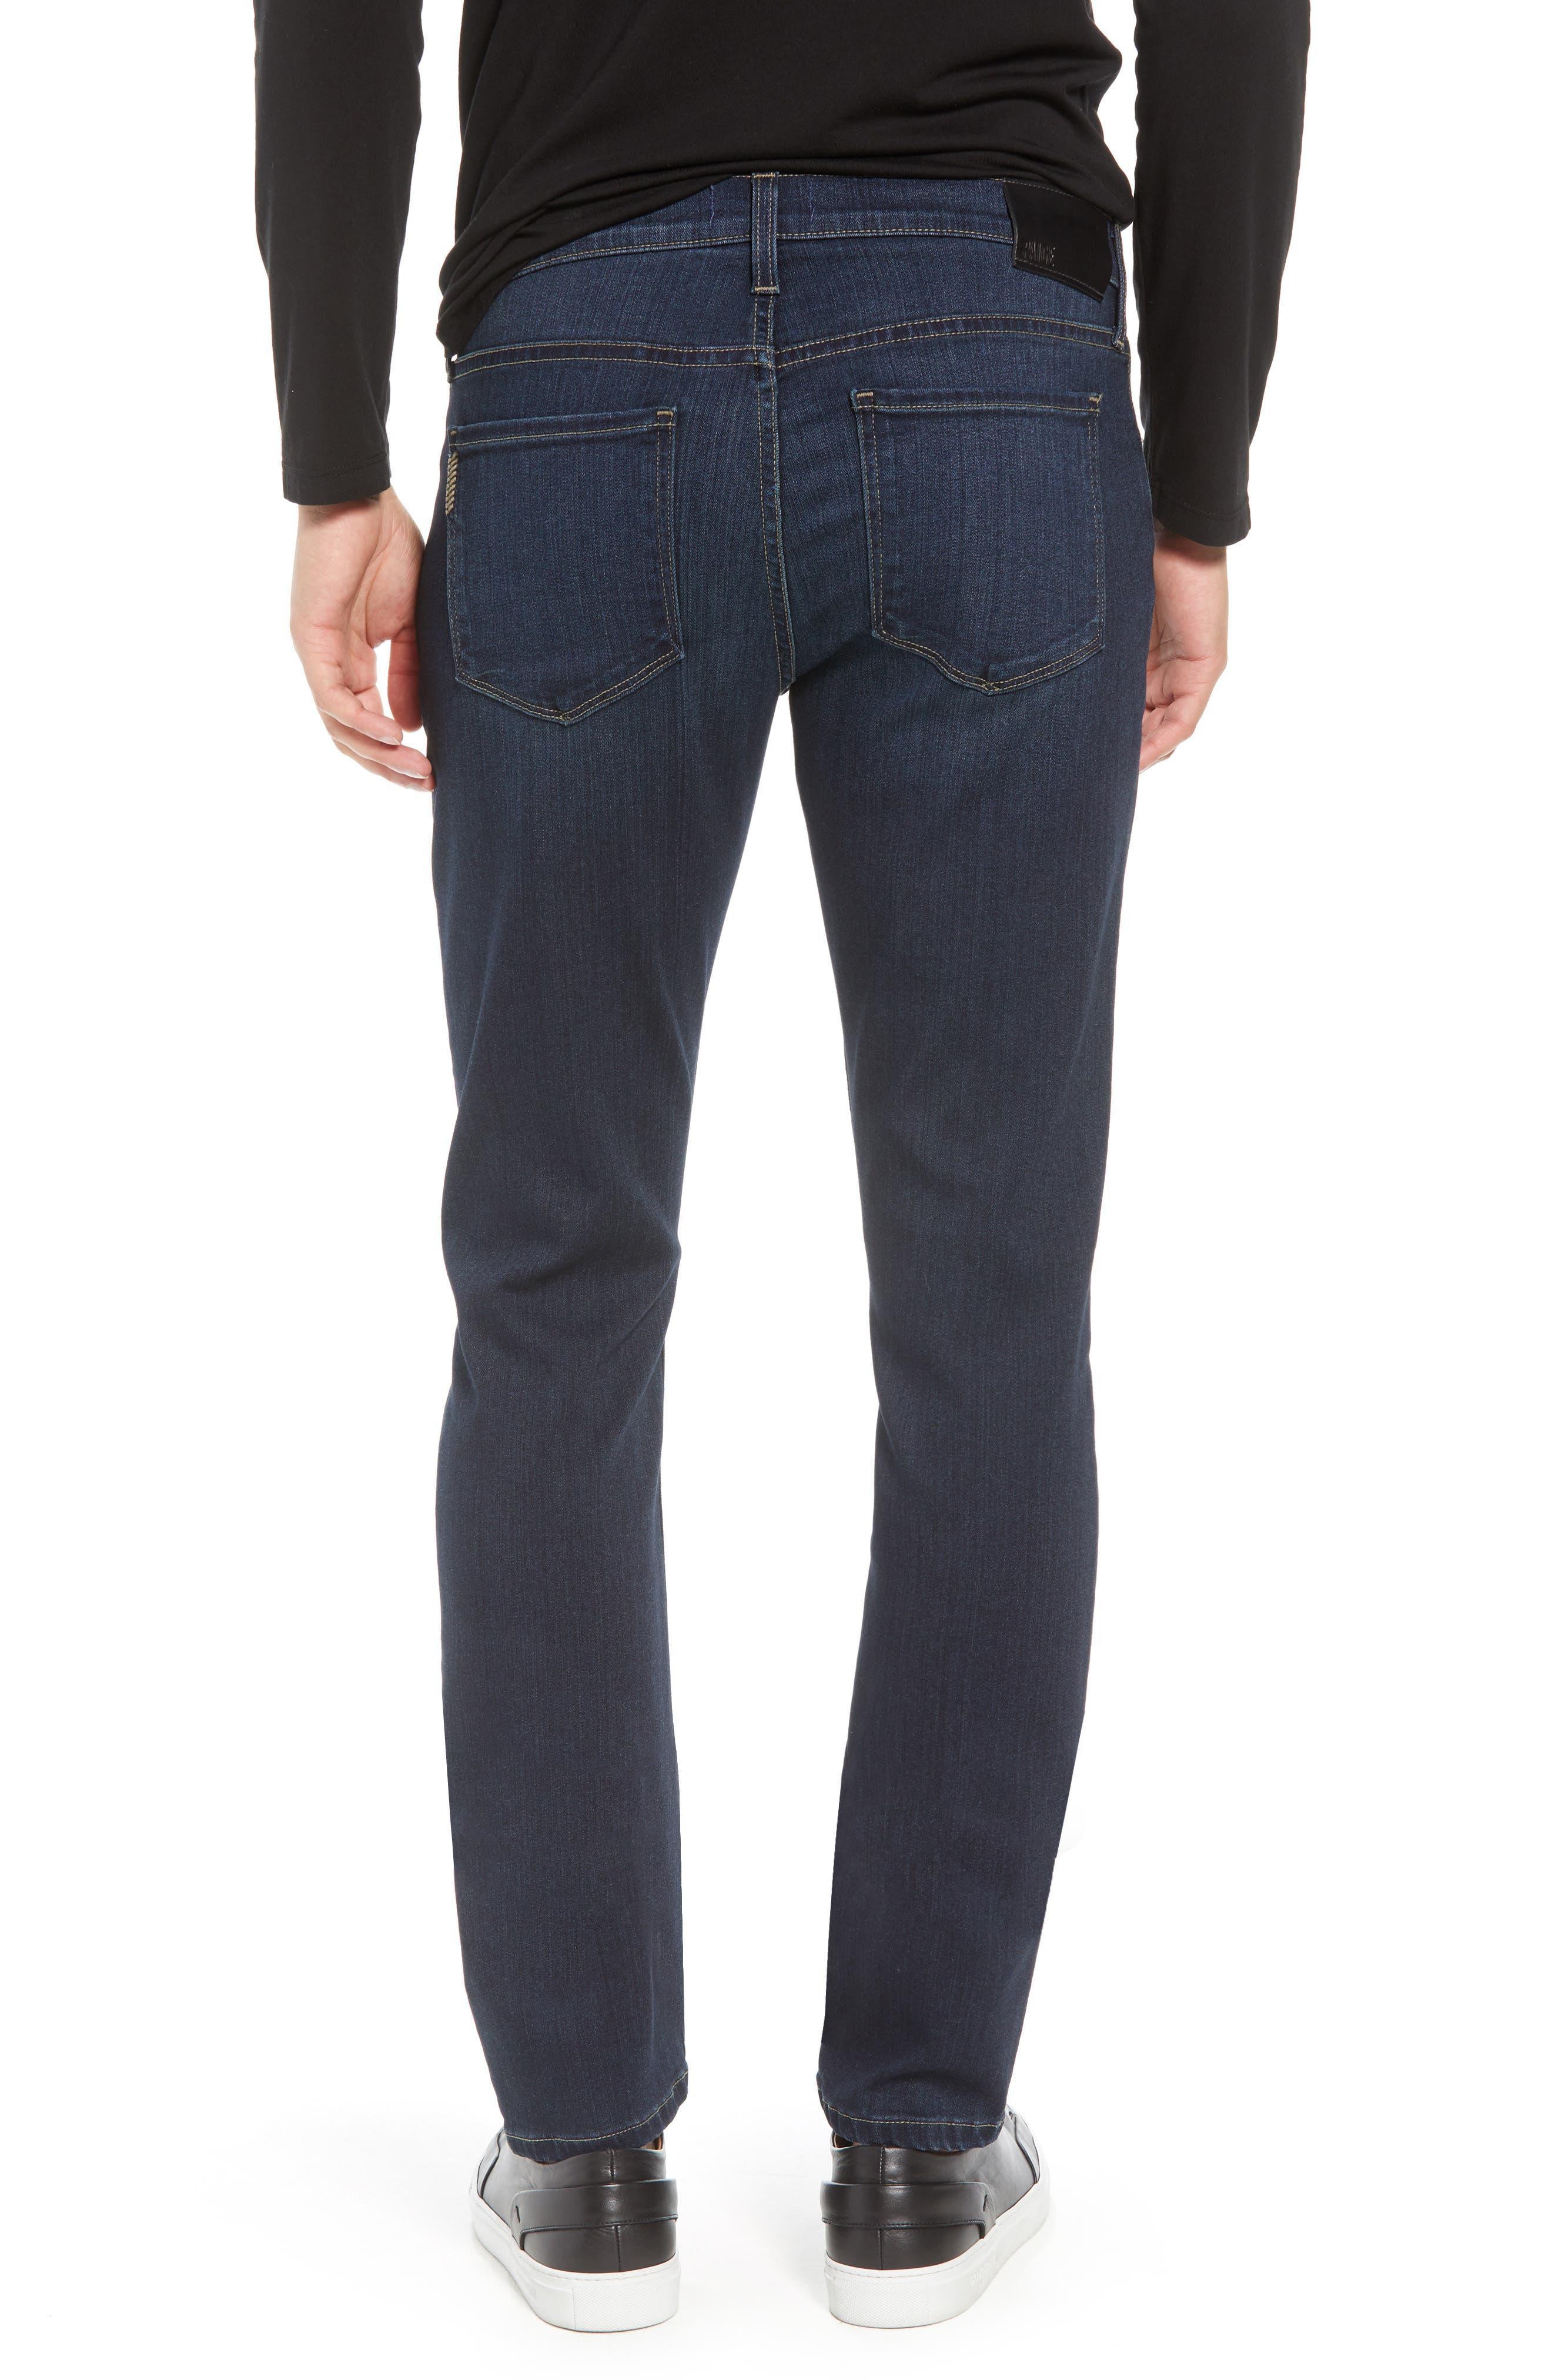 Transcend – Lennox Slim Fit Jeans,                             Alternate thumbnail 2, color,                             HALE